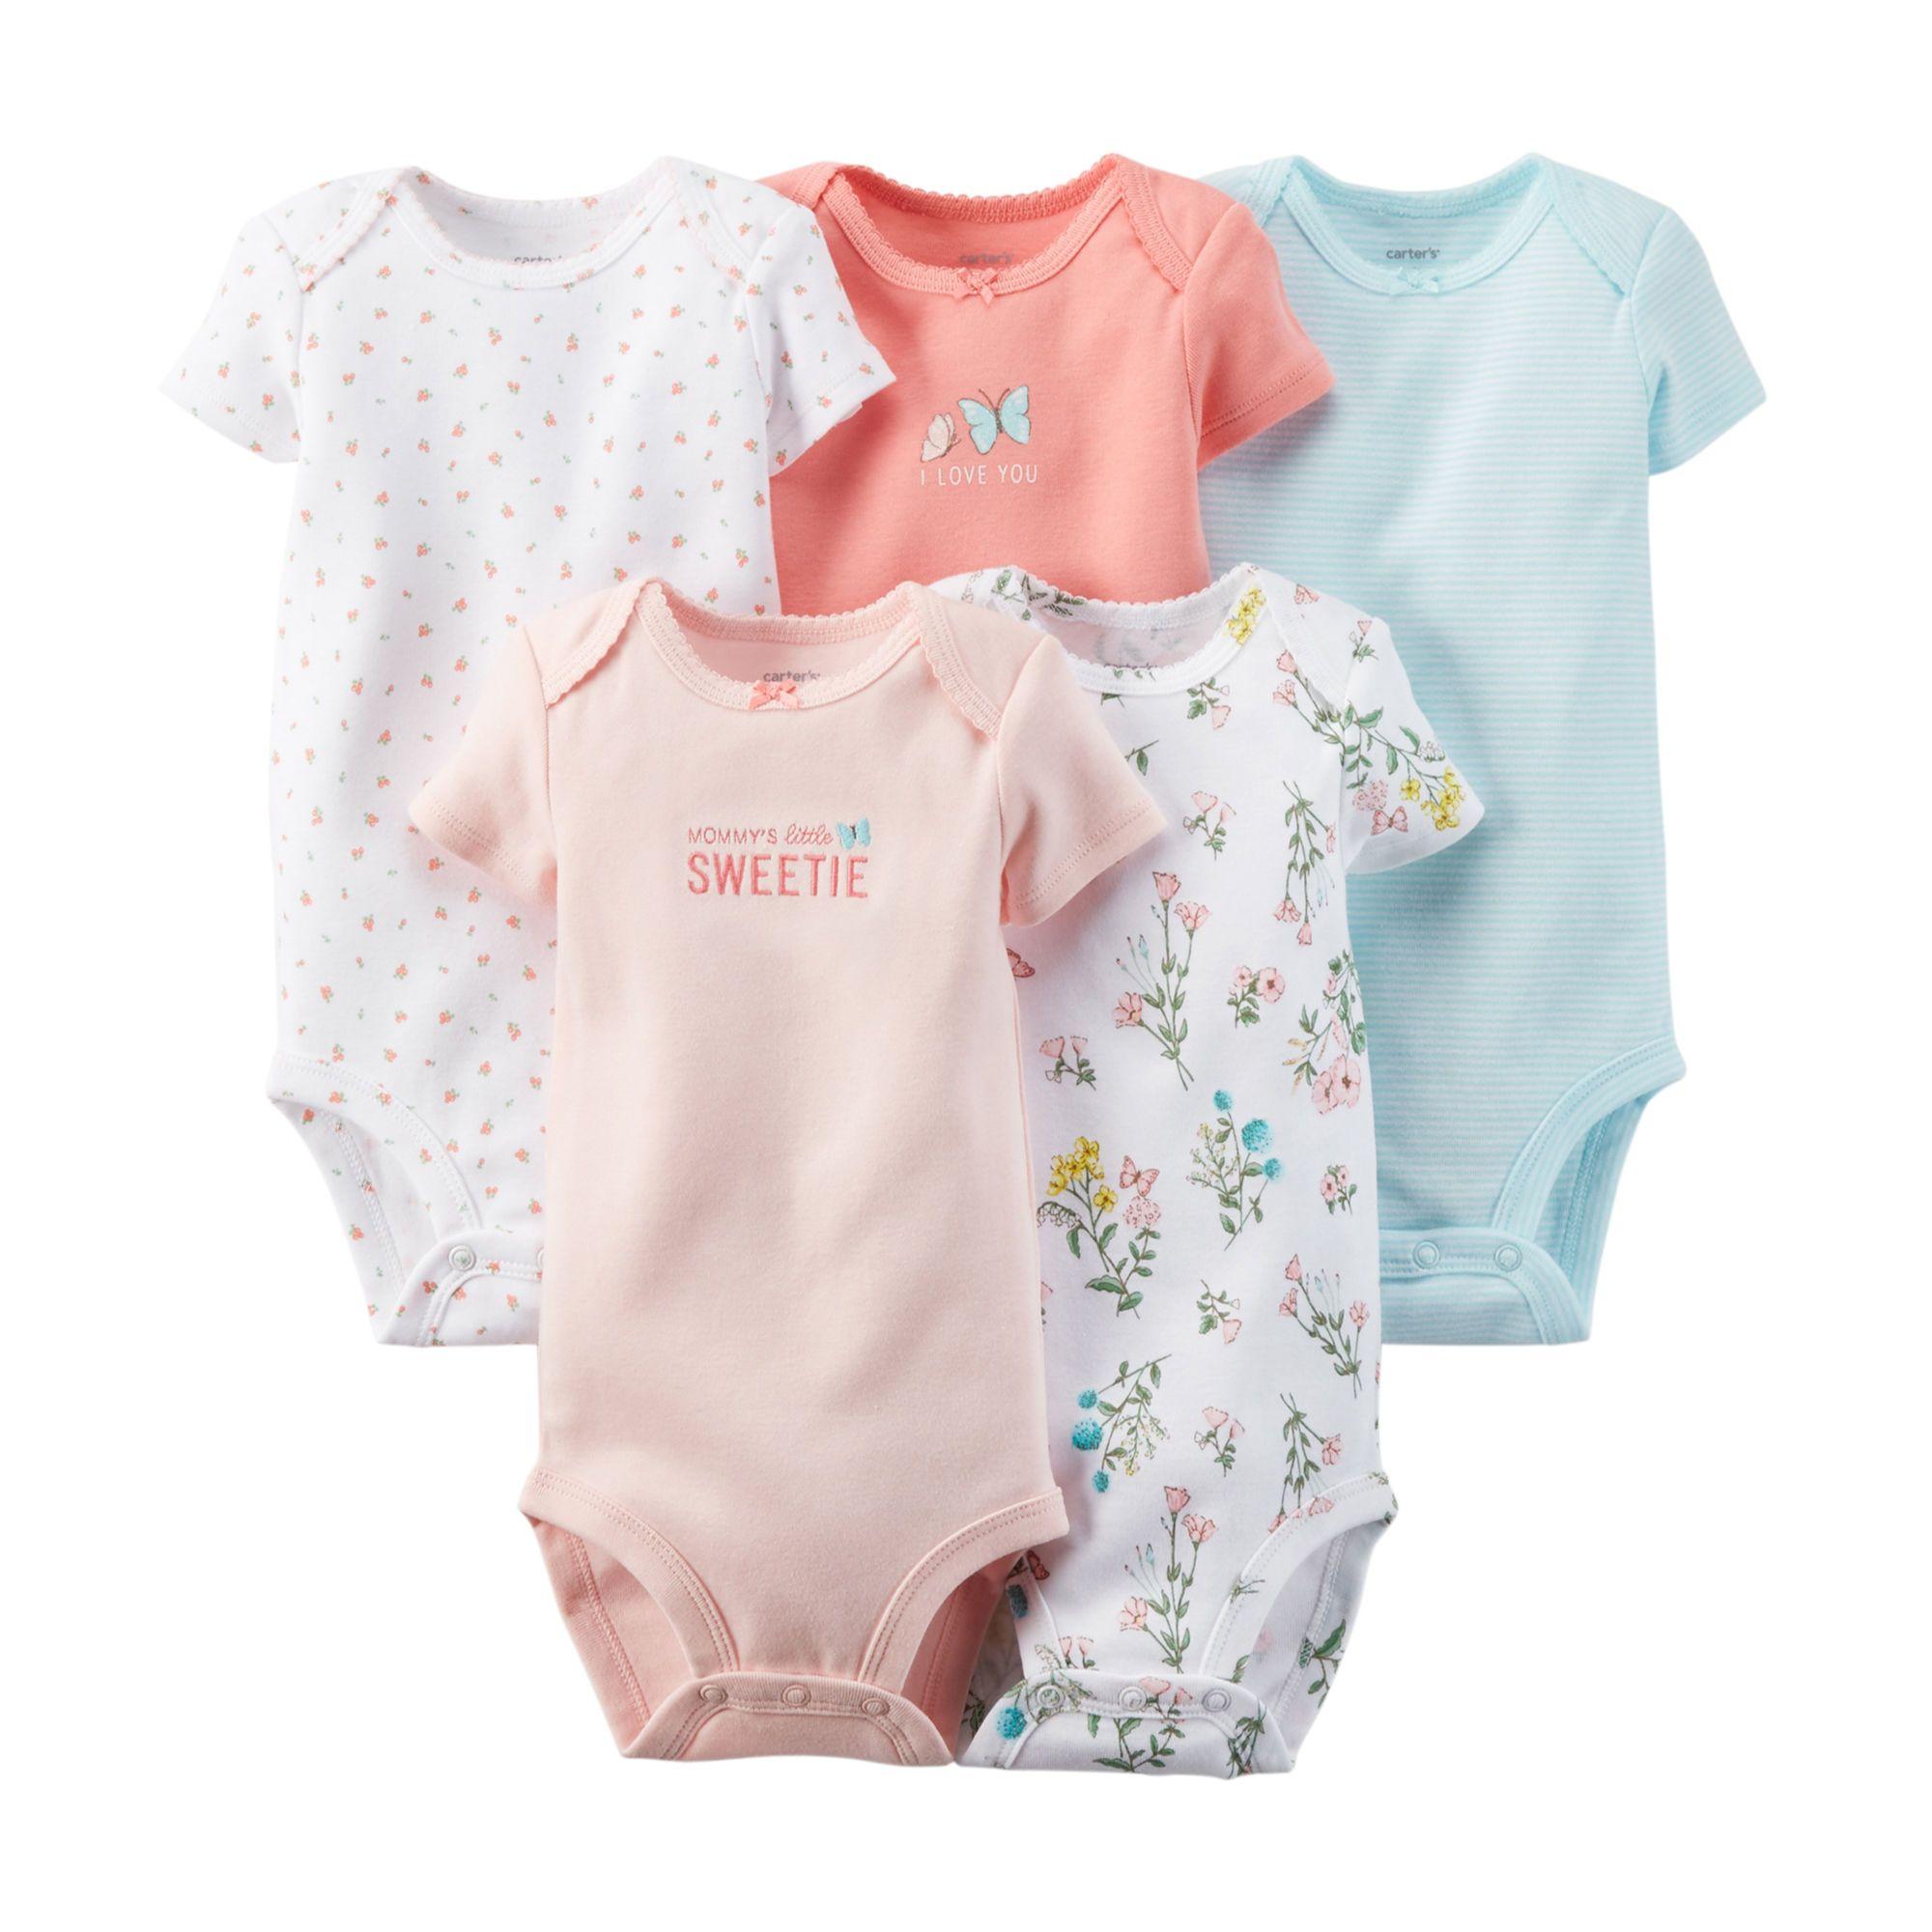 baa456601 5-Pack Short-Sleeve Bodysuits   L i t t l e • g i r l   Newborn boy ...